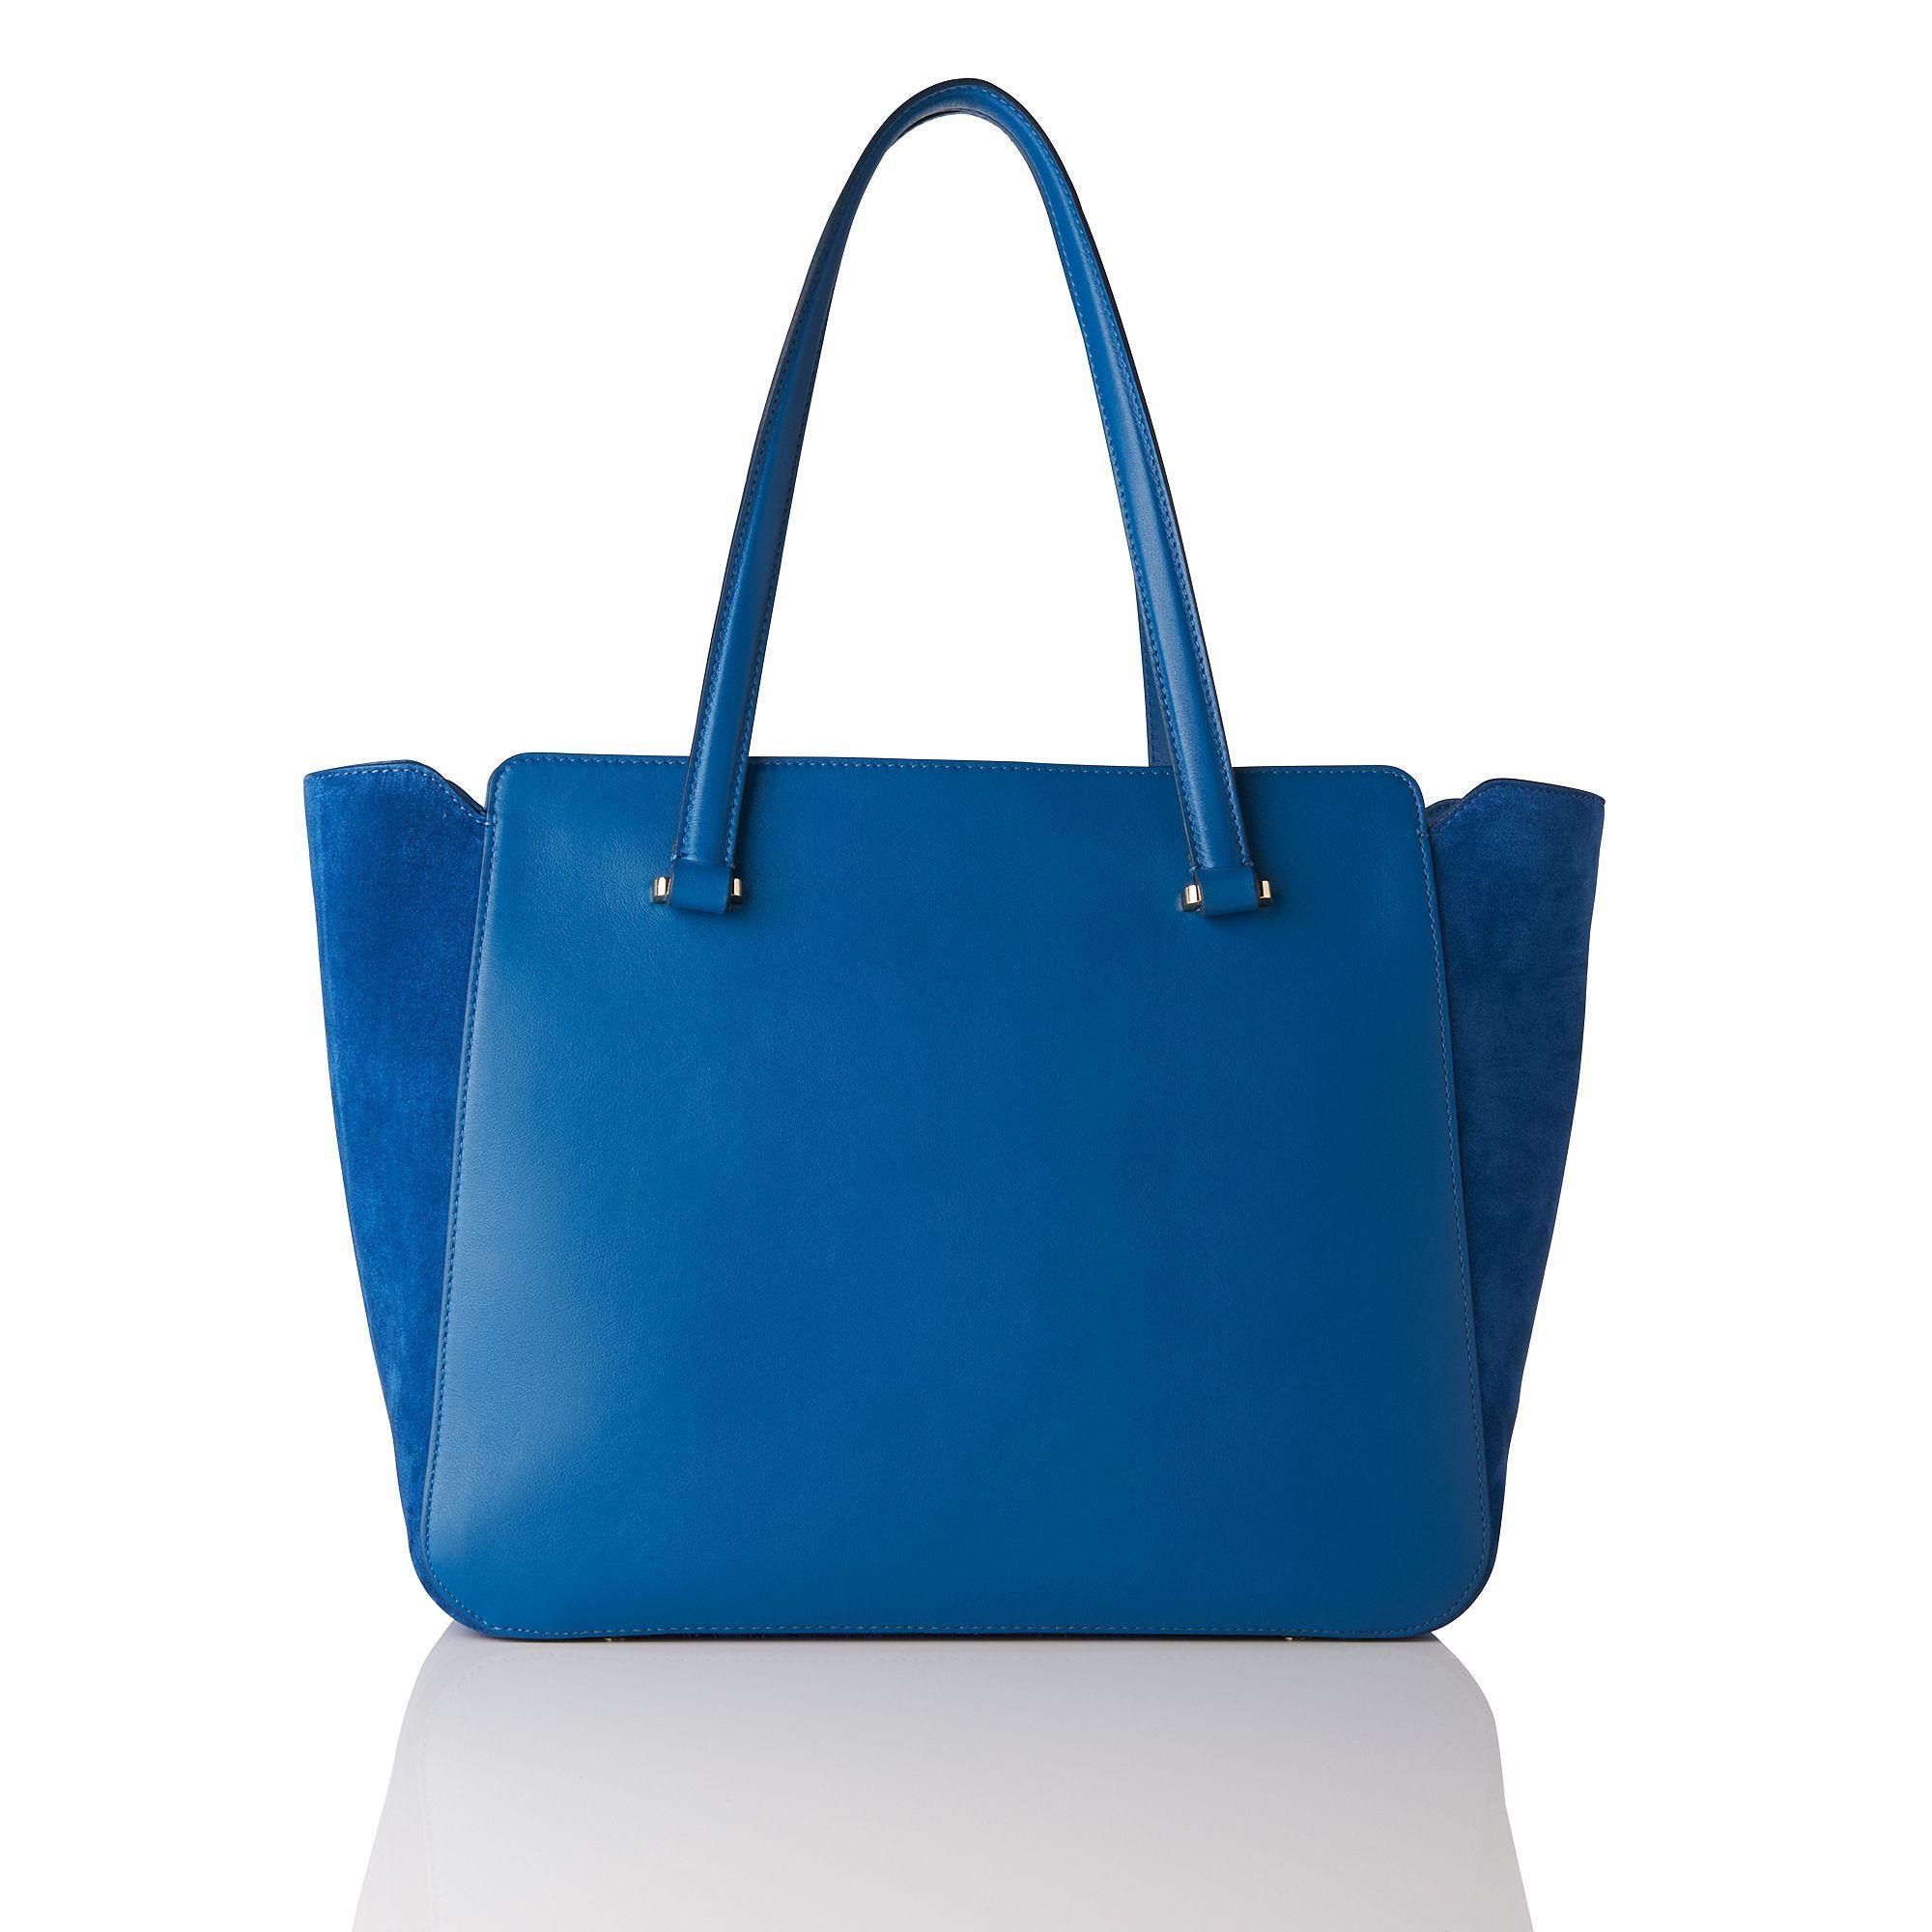 L.K.Bennett Leather Natasha Blue Suede Tote Bag